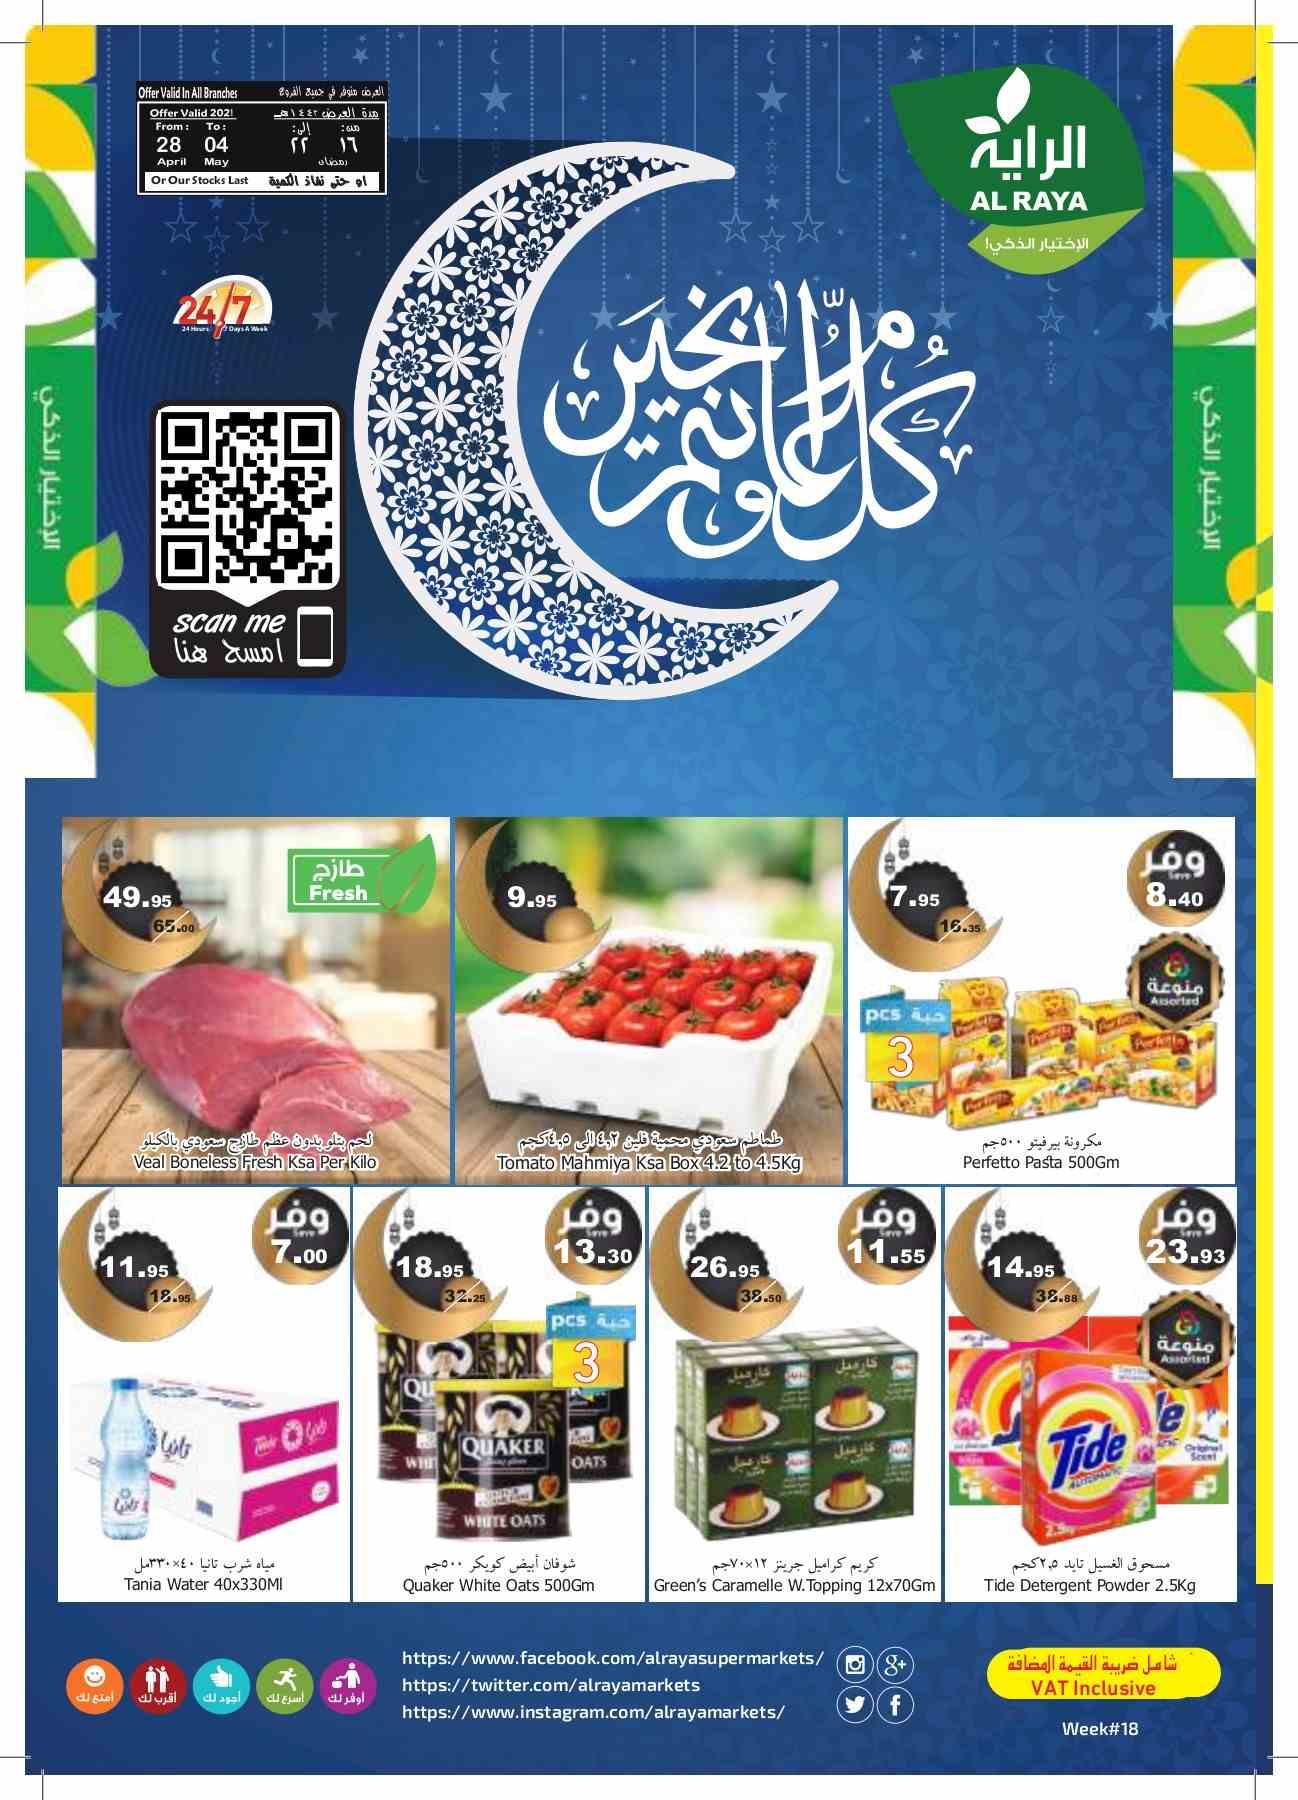 عروض الراية السعودية اليوم 28 ابريل حتى 4 مايو 2021 رمضان كريم